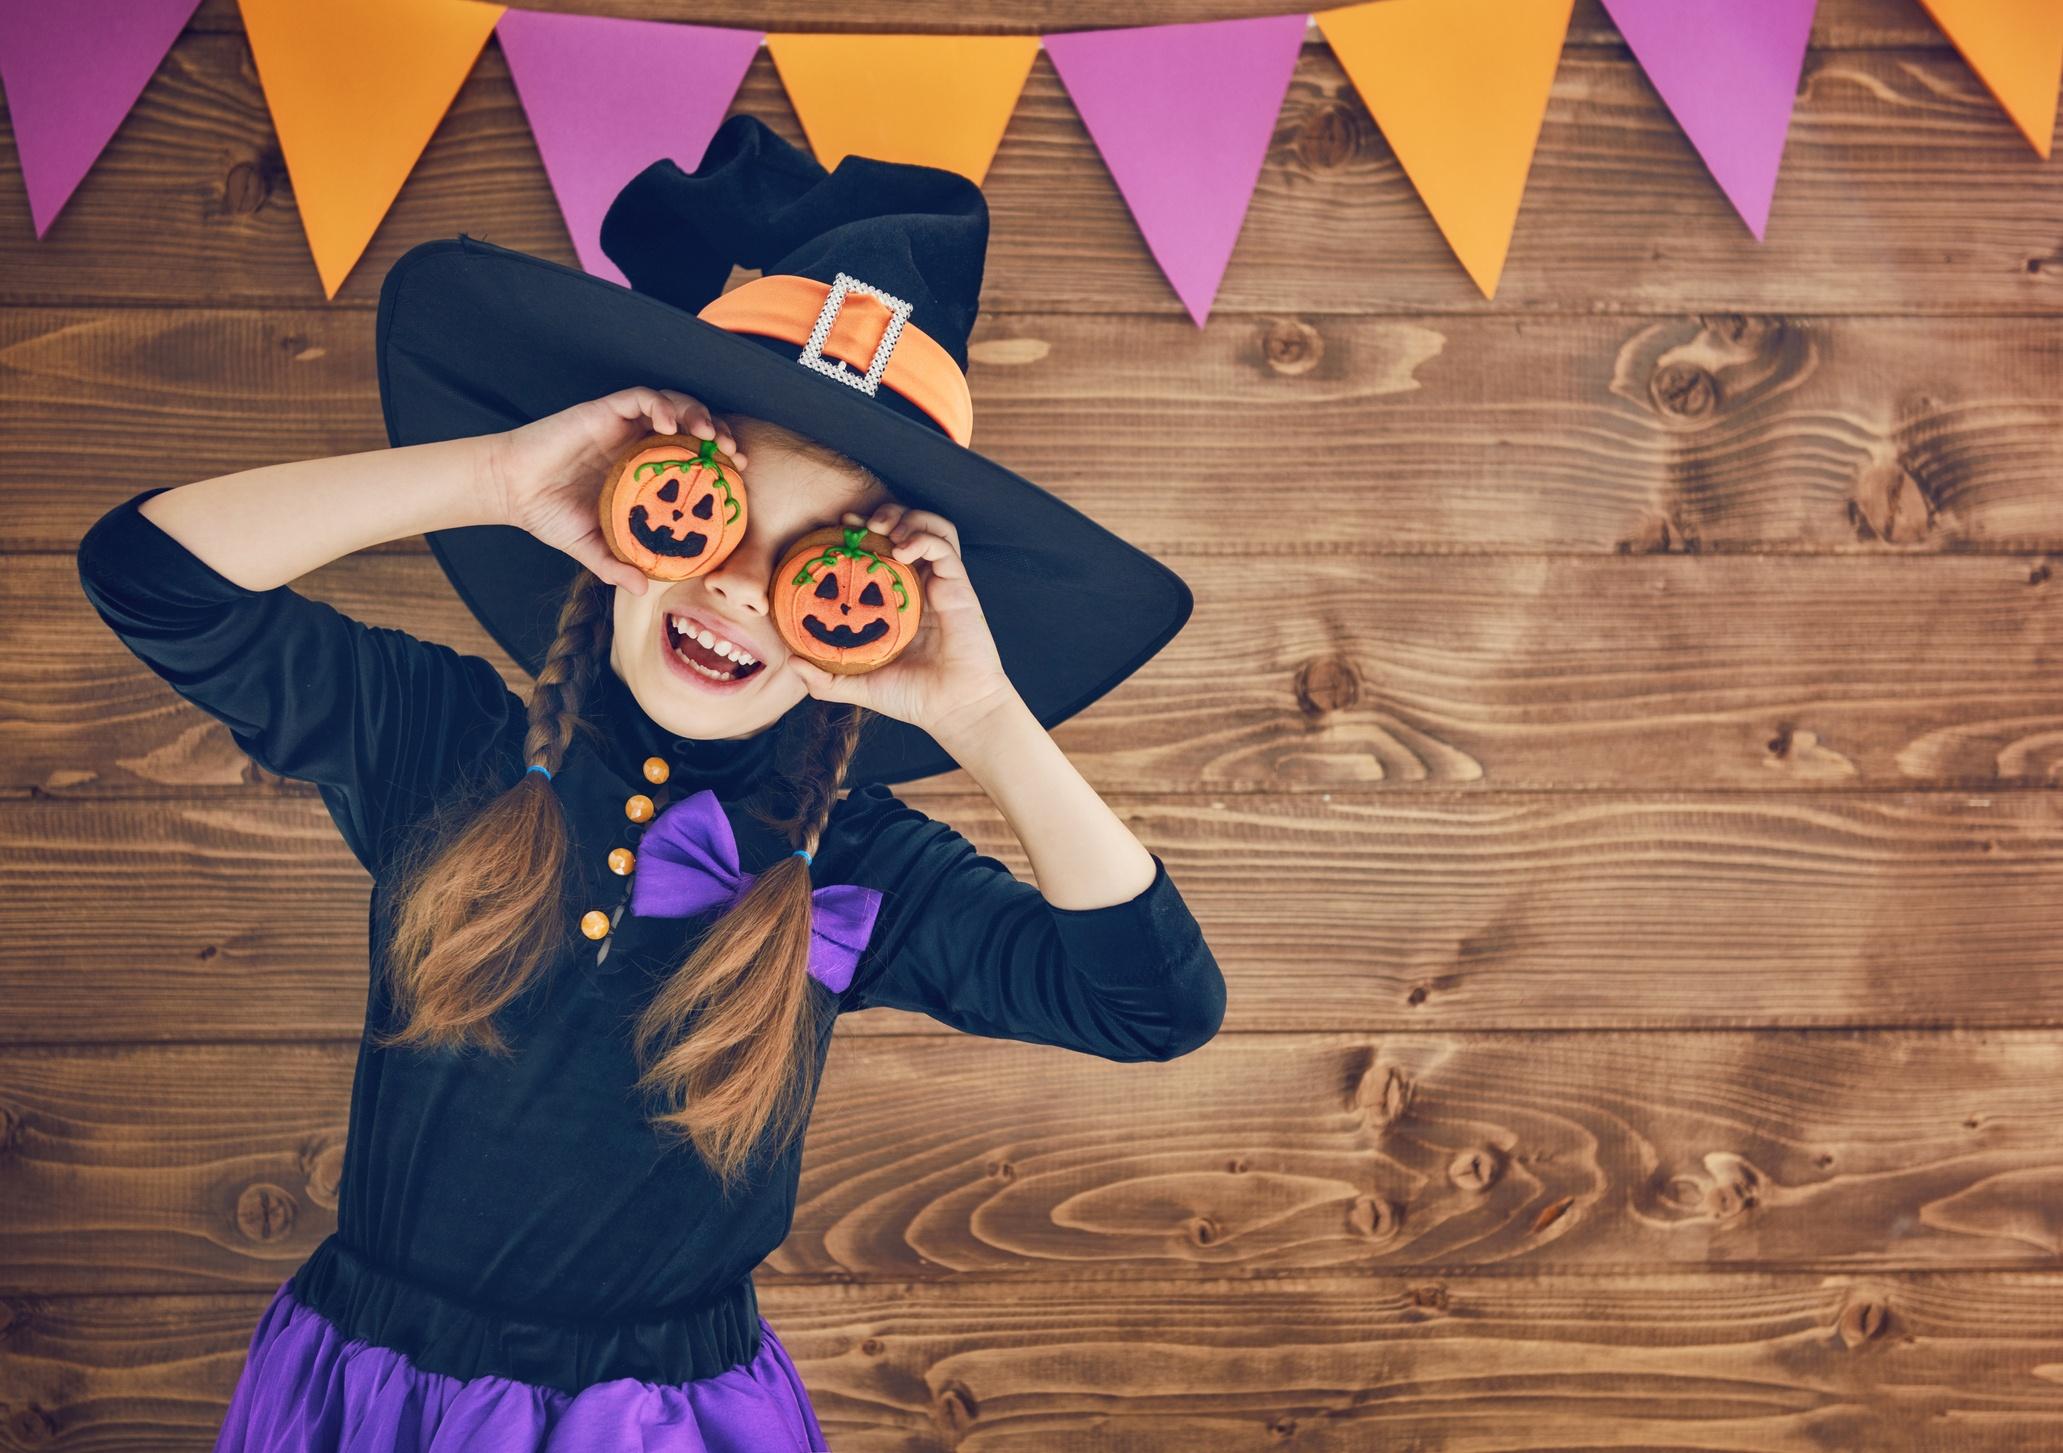 [Gratis] Imágenes de halloween, día de muertos y de otras fiestas para tus campañas